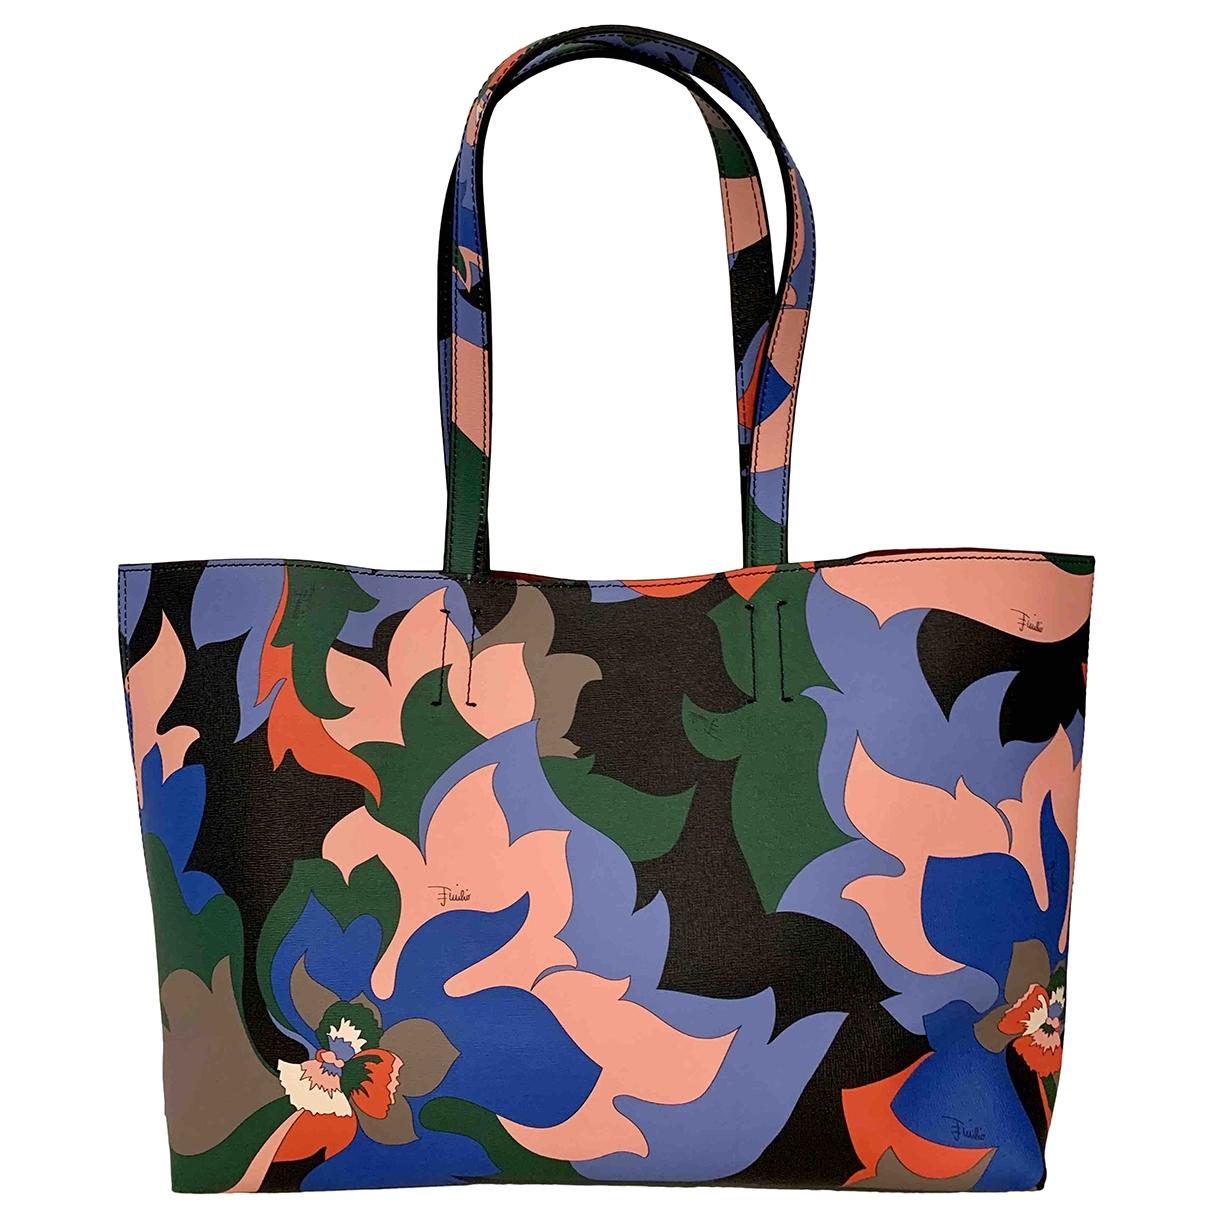 Emilio Pucci - Sac a main   pour femme en cuir - multicolore